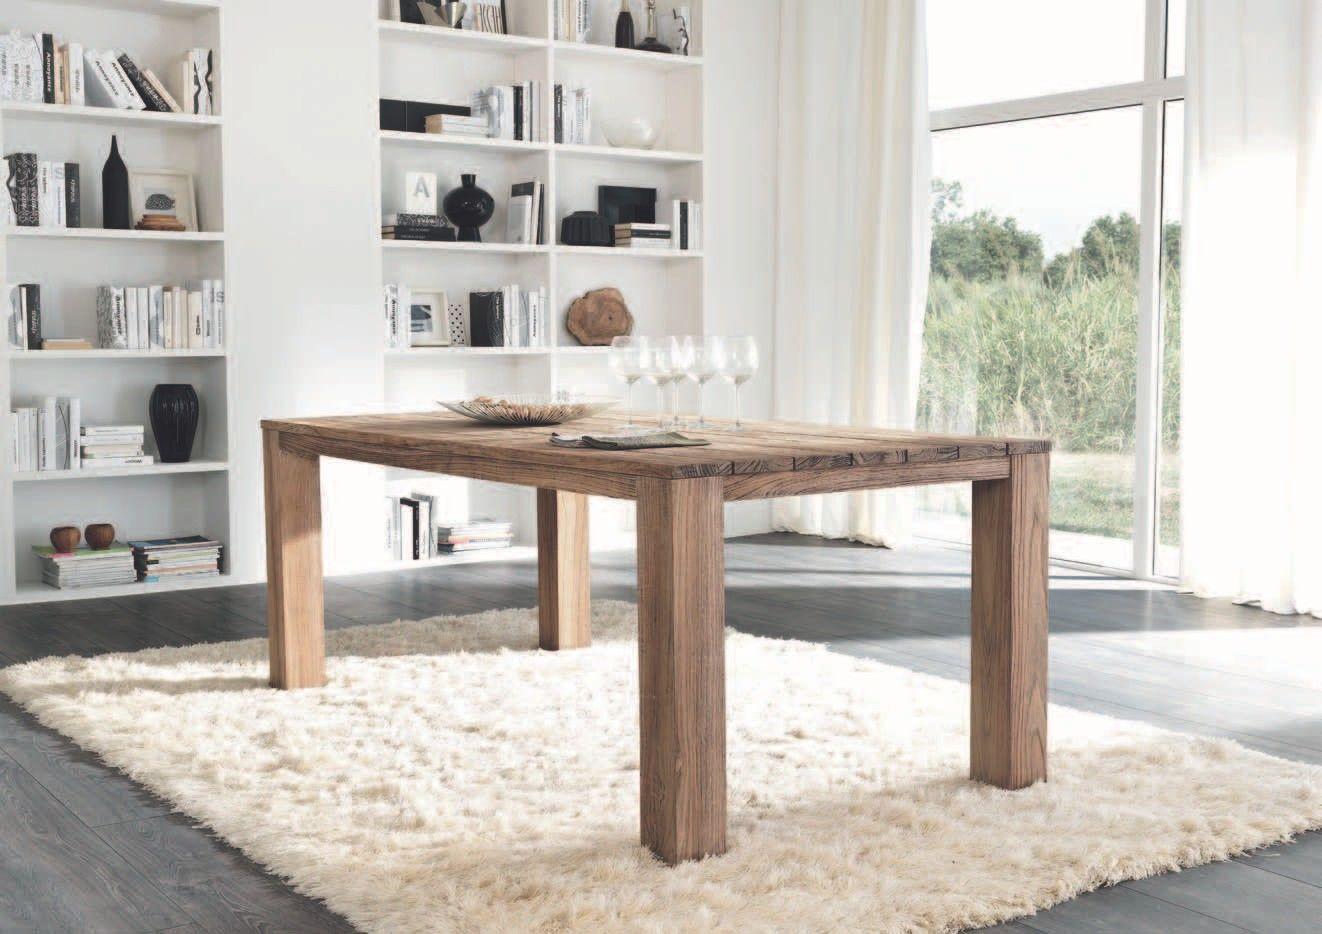 Muebles r sticos muebles madera natural decoraci n con for Muebles rusticos toledo